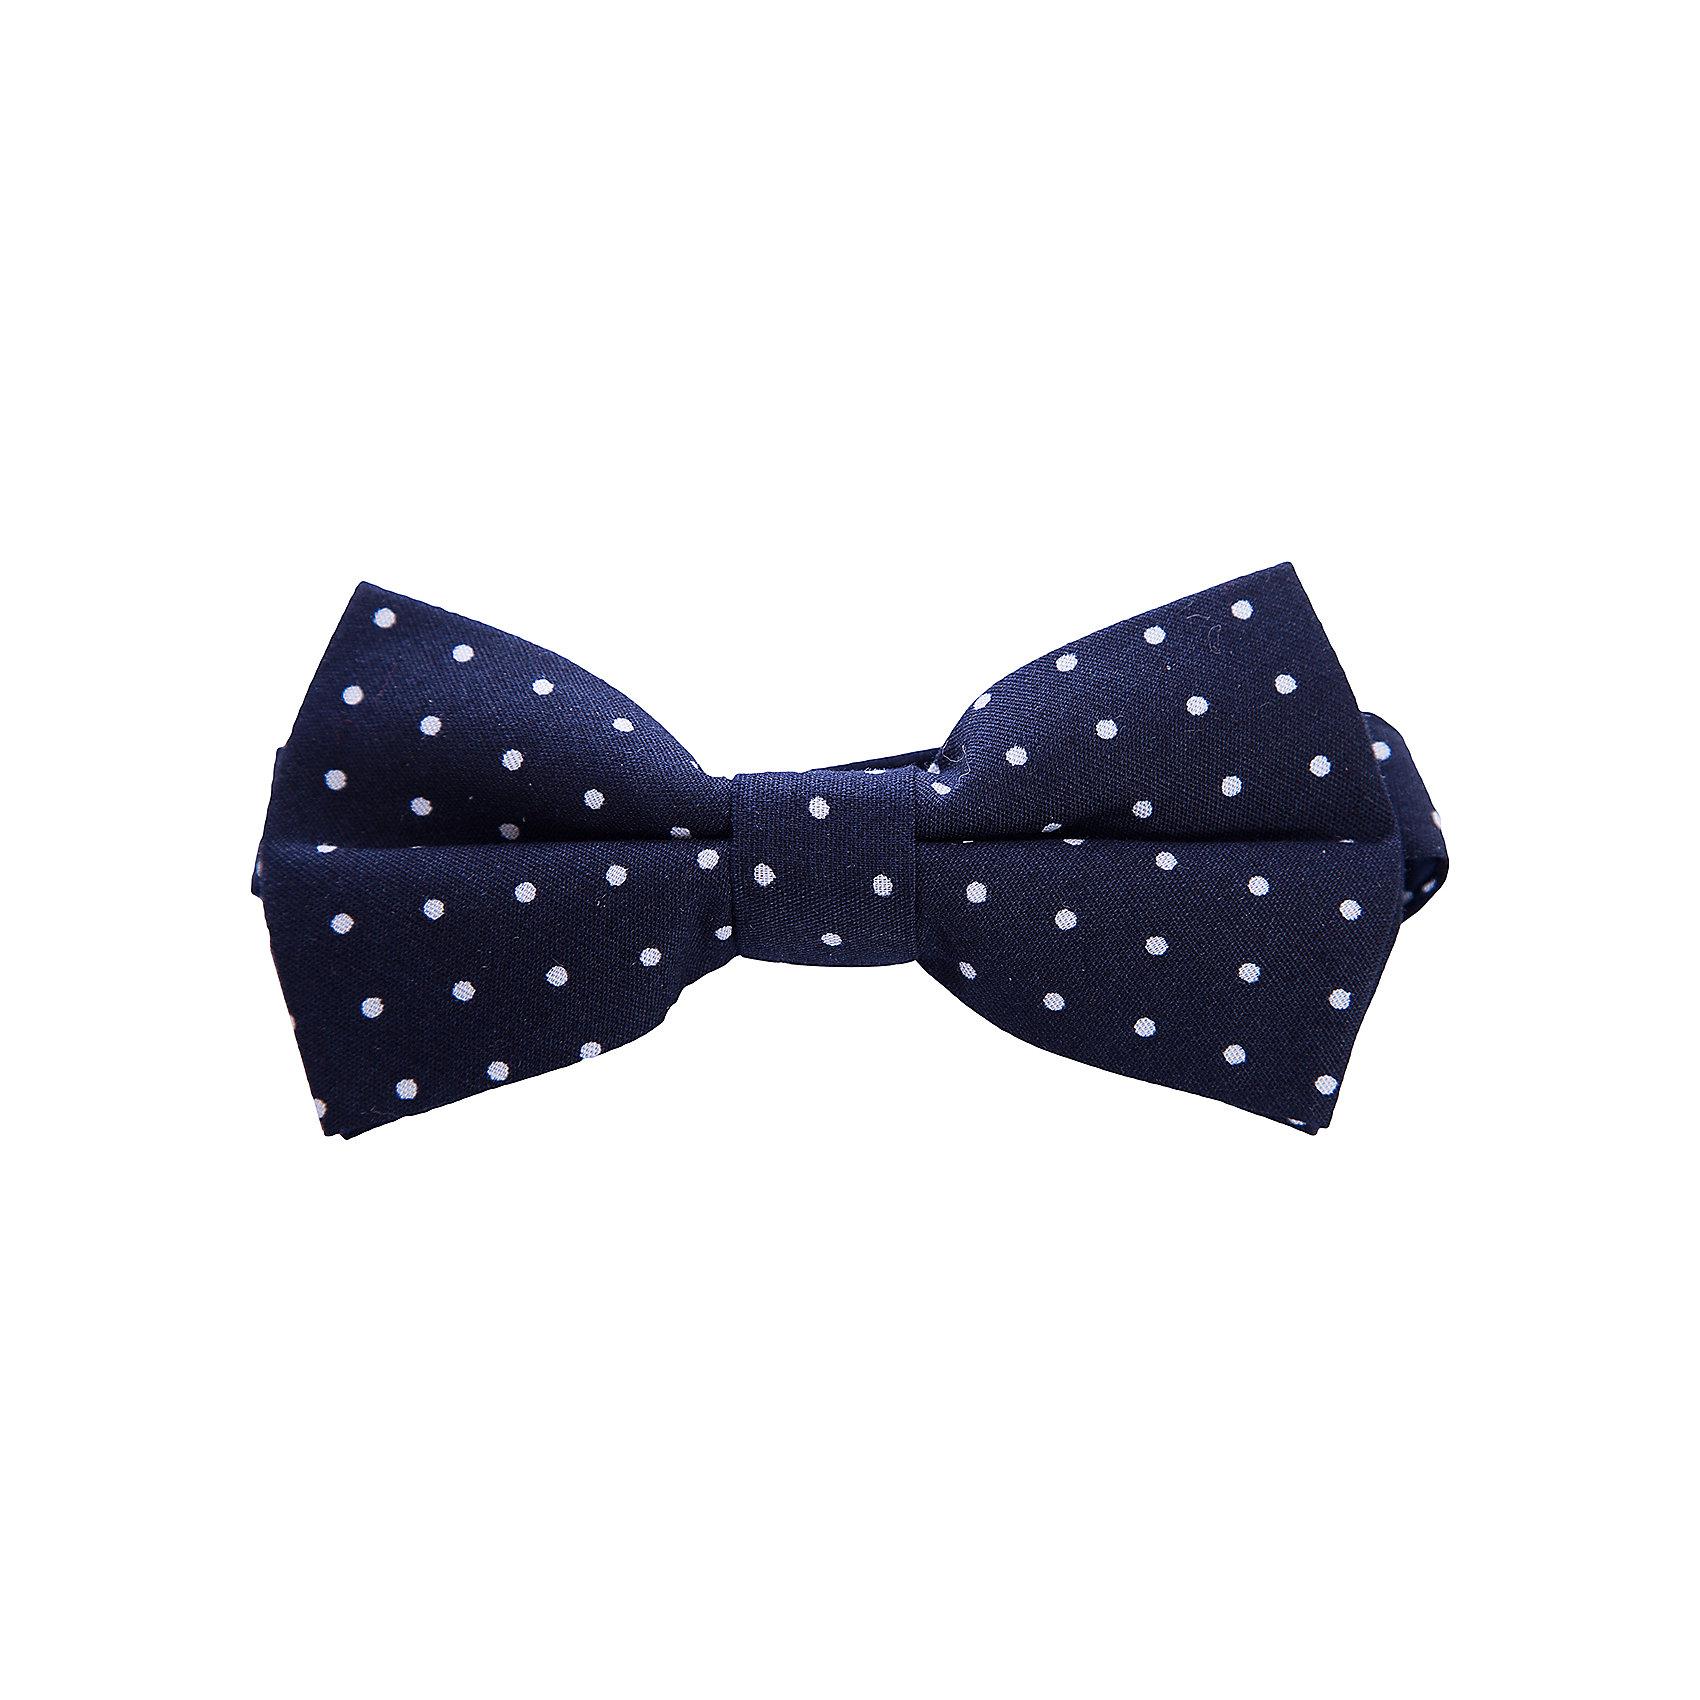 Галстук-бабочка для девочки GulliverАксессуары<br>Галстук-бабочка для девочки от известного бренда Gulliver<br>Этот прекрасный детский галстук-бабочка станет оригинальным дополнением к образу школьницы.<br>Состав:<br>100% хлопок<br><br>Ширина мм: 170<br>Глубина мм: 157<br>Высота мм: 67<br>Вес г: 117<br>Цвет: синий<br>Возраст от месяцев: 84<br>Возраст до месяцев: 168<br>Пол: Женский<br>Возраст: Детский<br>Размер: one size<br>SKU: 4767838